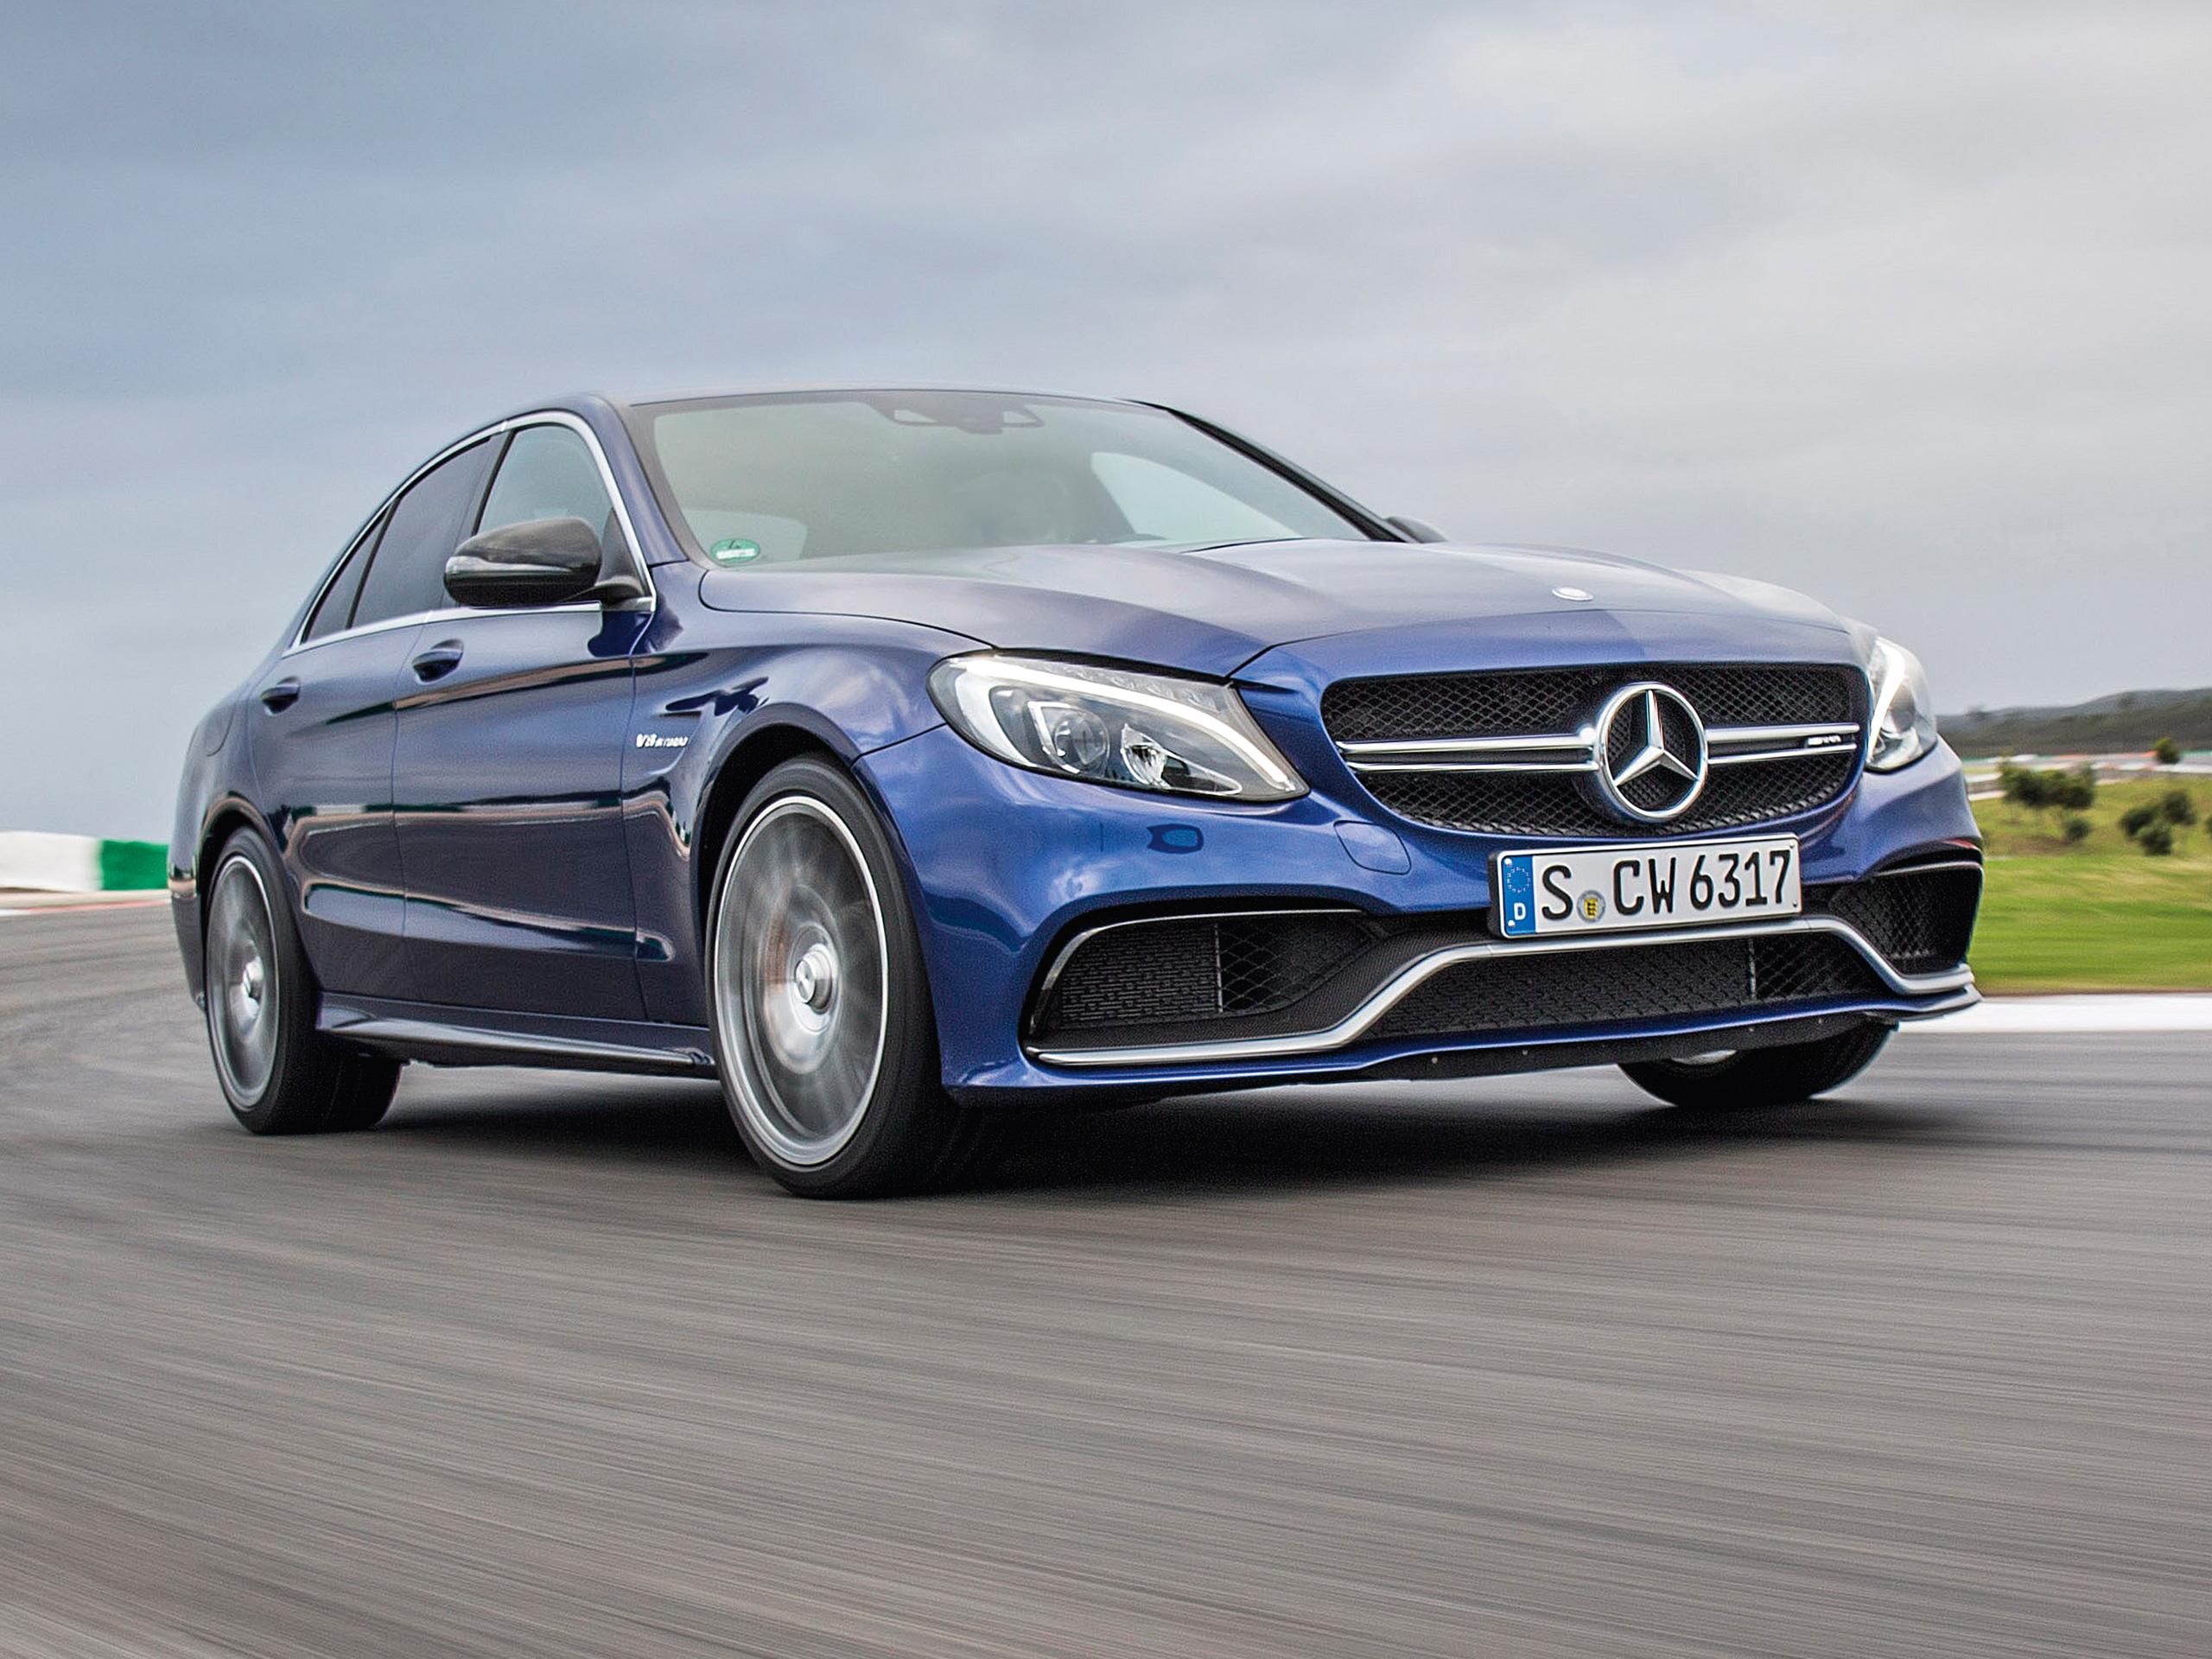 Neuer Mercedes AMG C 63 S 2015 Erste Fahrt